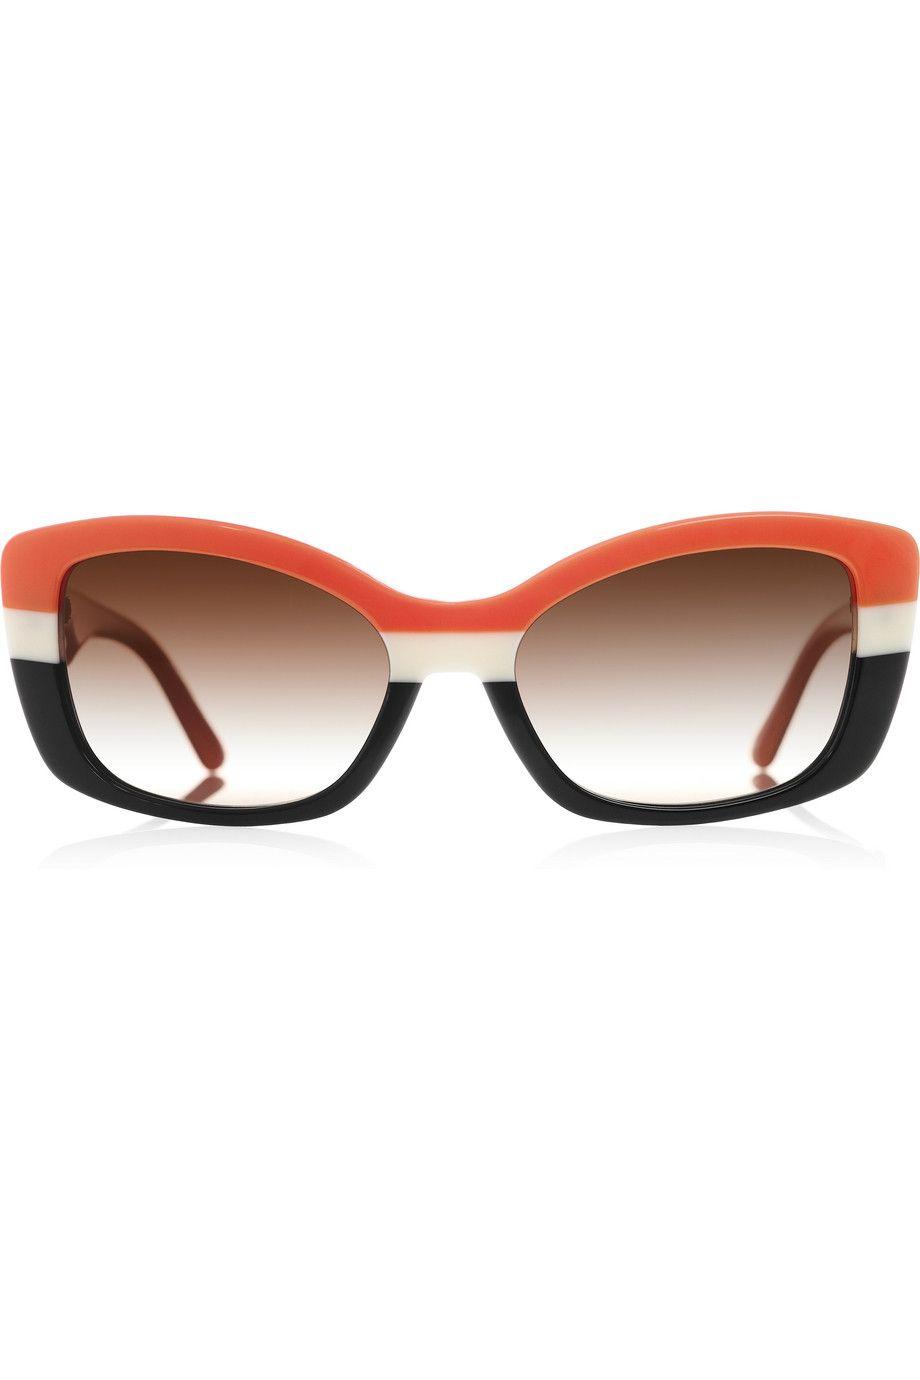 Prada   D-frame acetate sunglasses   NET-A-PORTER.COM   Fashion ...